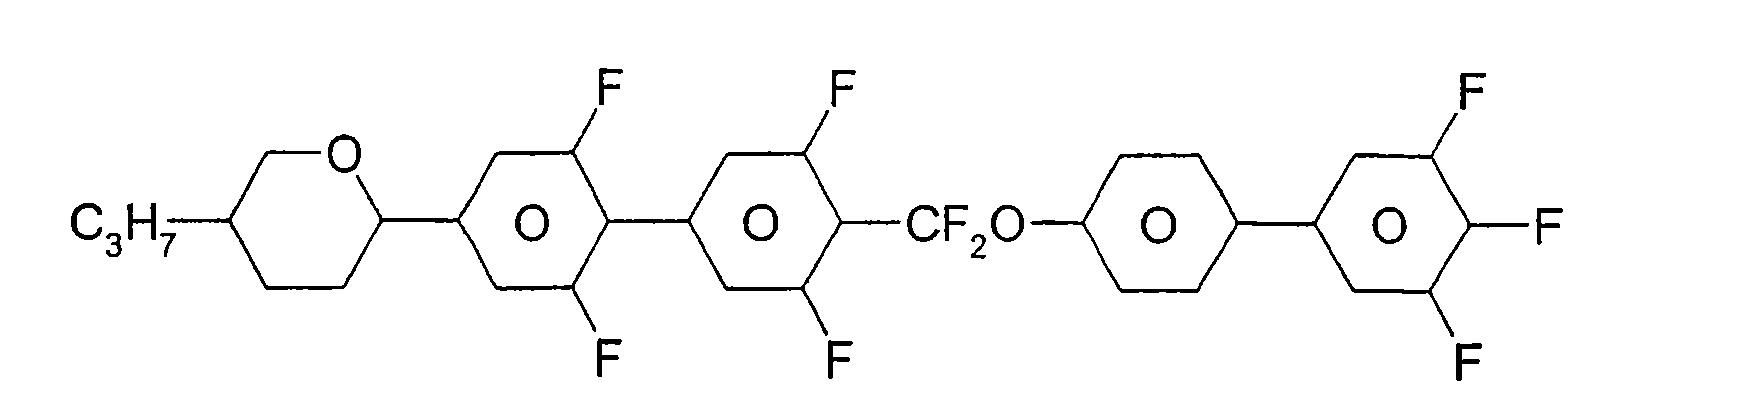 Figure CN101294079BD01142